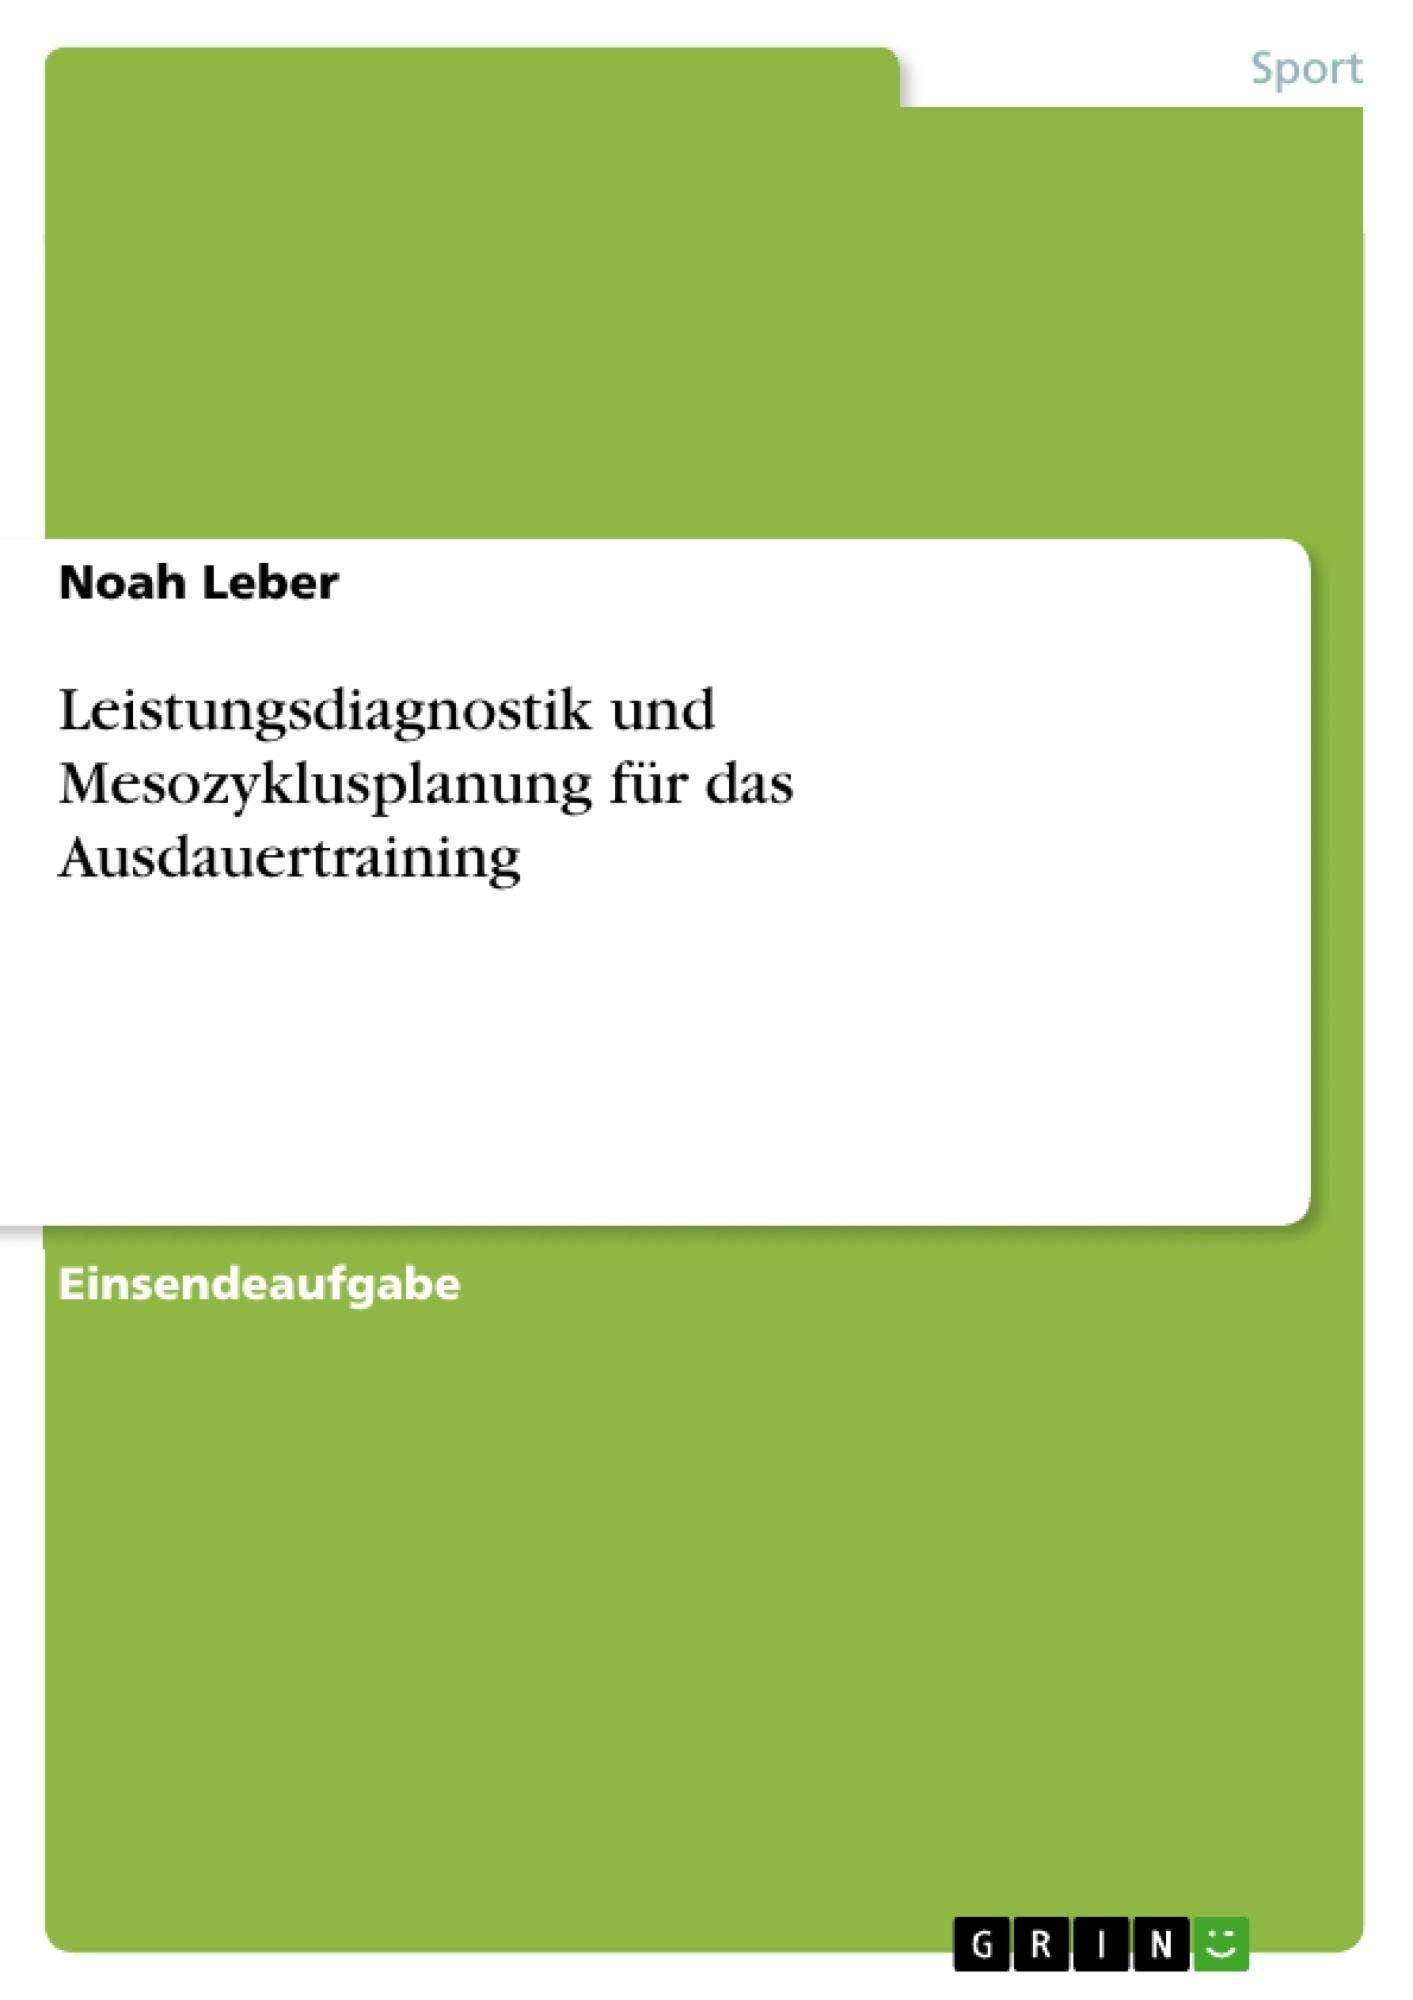 Titel: Leistungsdiagnostik und Mesozyklusplanung für das Ausdauertraining